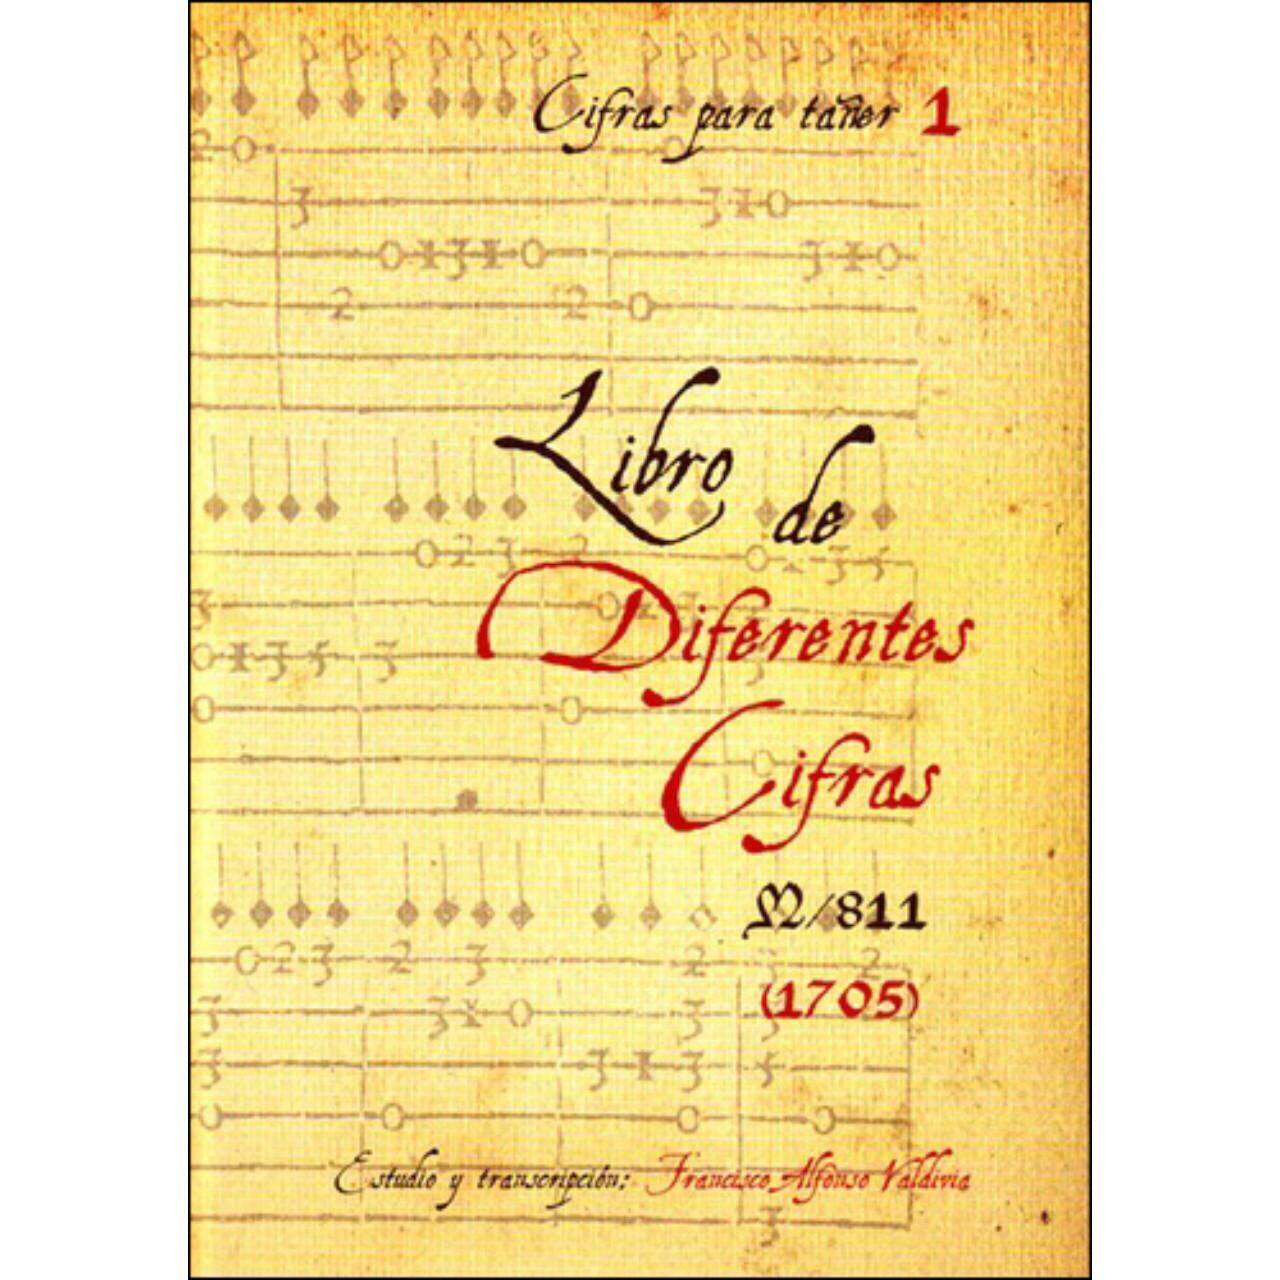 «Libro de diferentes cifras (1705)». Estudio y transcripción: Francisco Alfonso Valdivia.